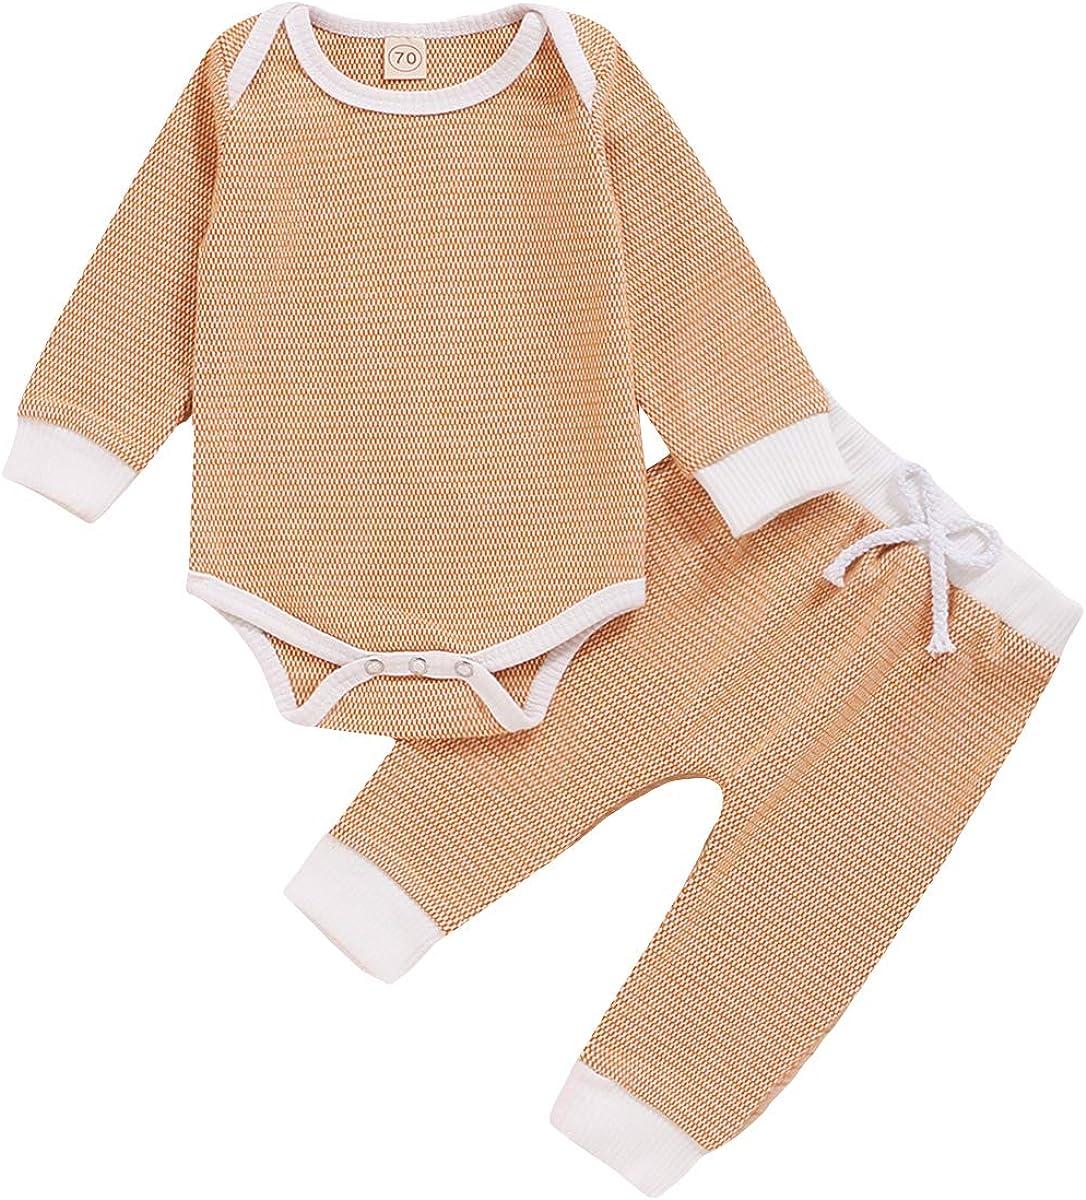 Baby Sleeper Onesie Organic Cotton Cute Long Sleeves Baby Rompers Newborns Footie Pajamas Boy Girl Christmas Gift Ribbed Pyjama